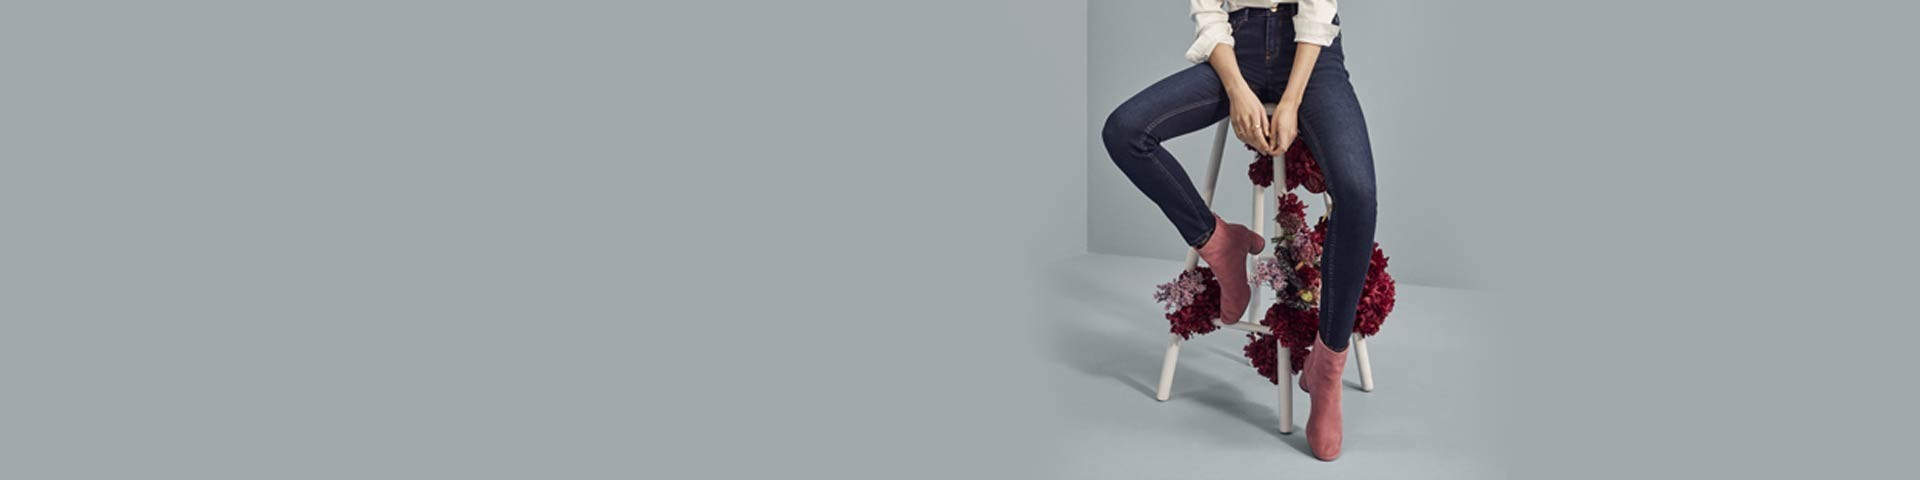 Vaqueros y jeans de mujer  – Tienda de Ropa - Online Closer